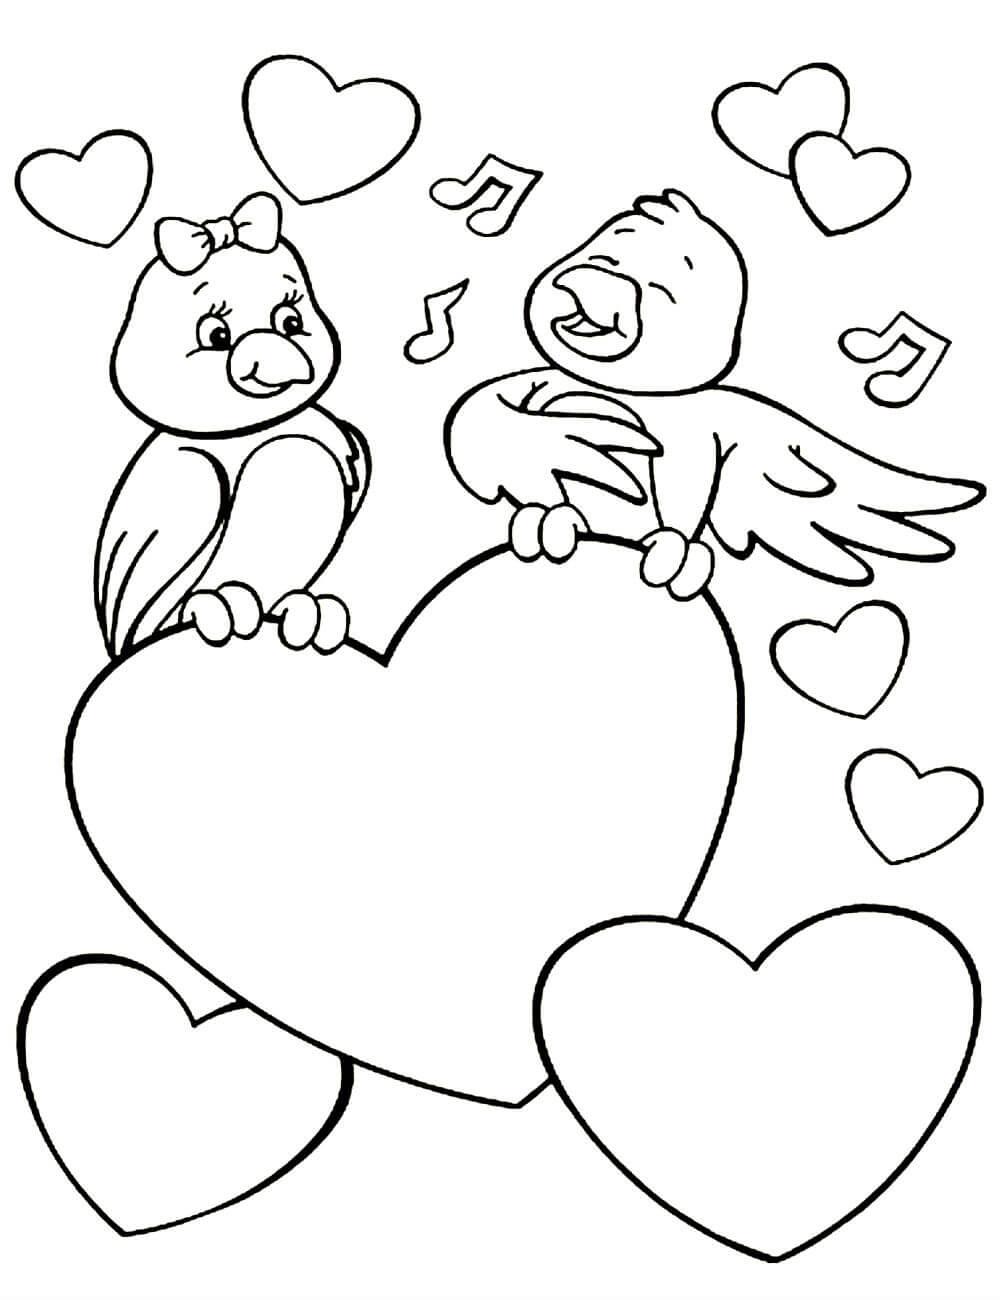 птицы средней картинки с днем святого валентина черно белые живи век учись